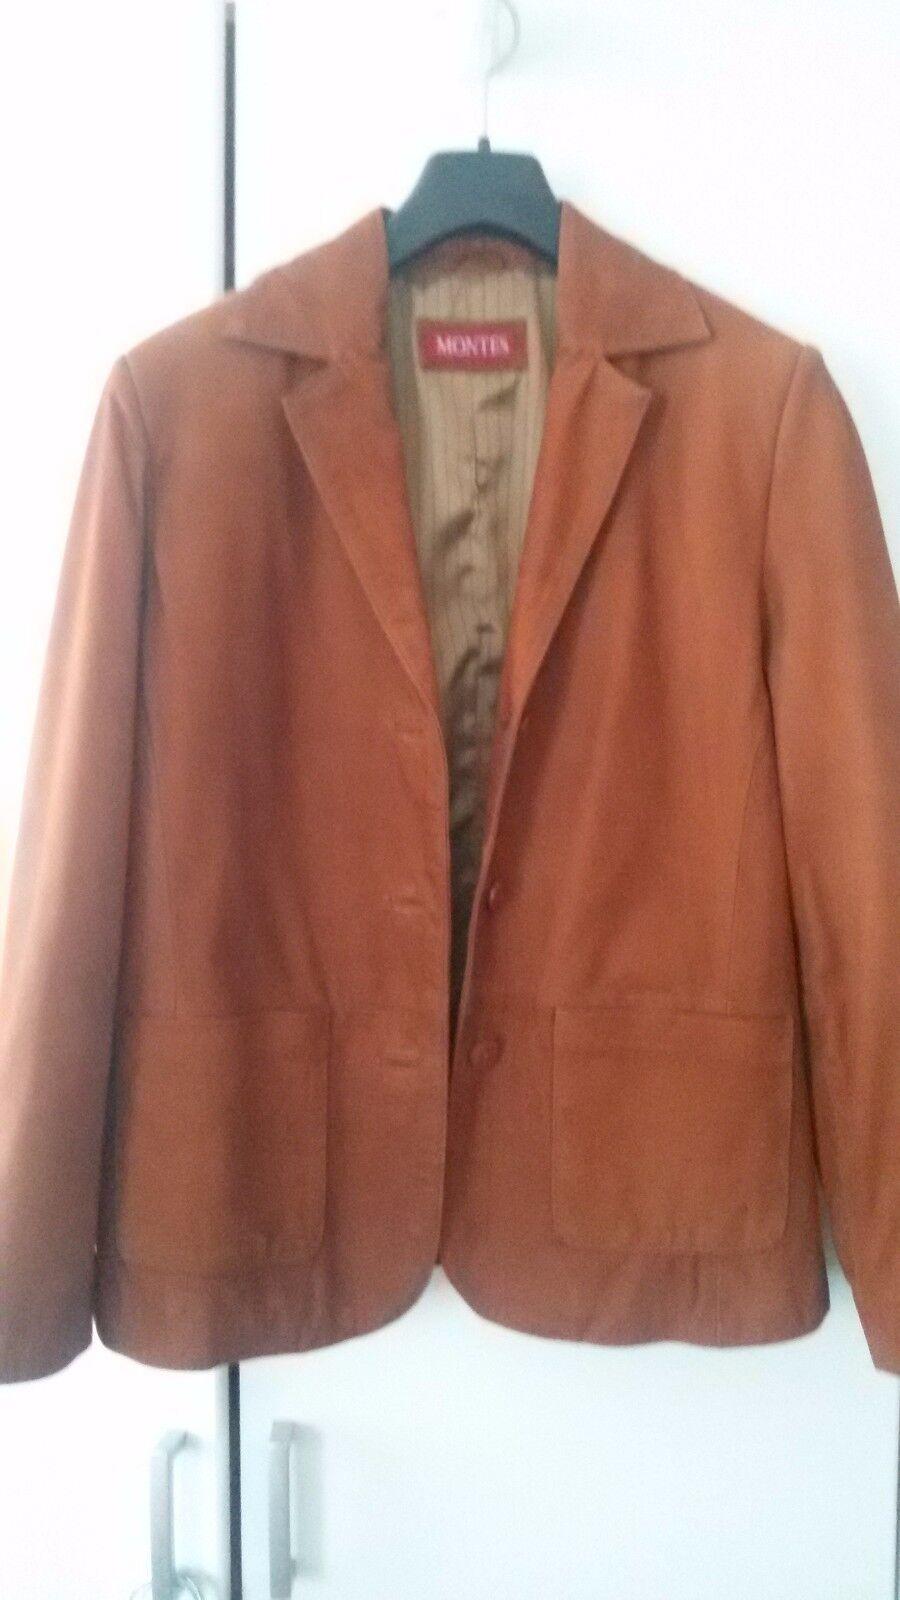 Damenjacke, 100 % Leder, Gr. M, braun, MONTES, guter Zustand, NP 249,90